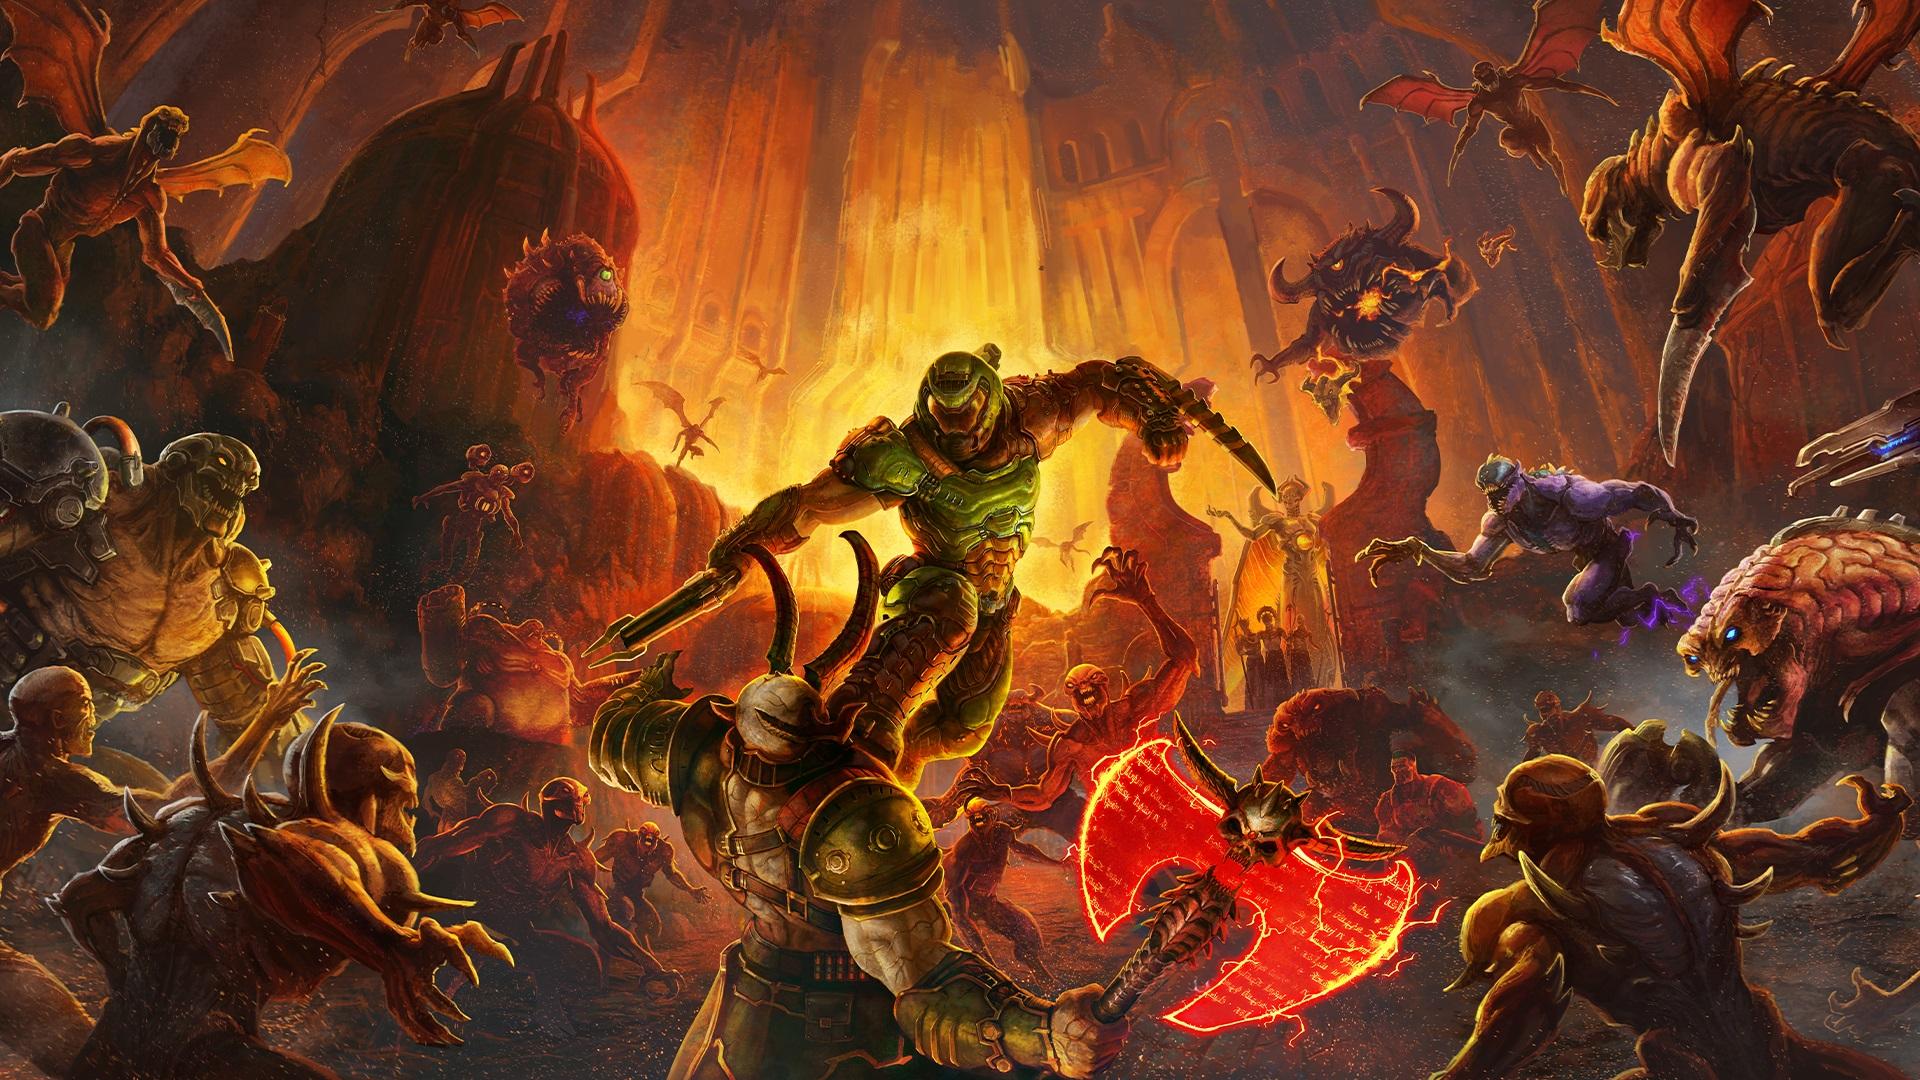 Doom Eternal official artwork